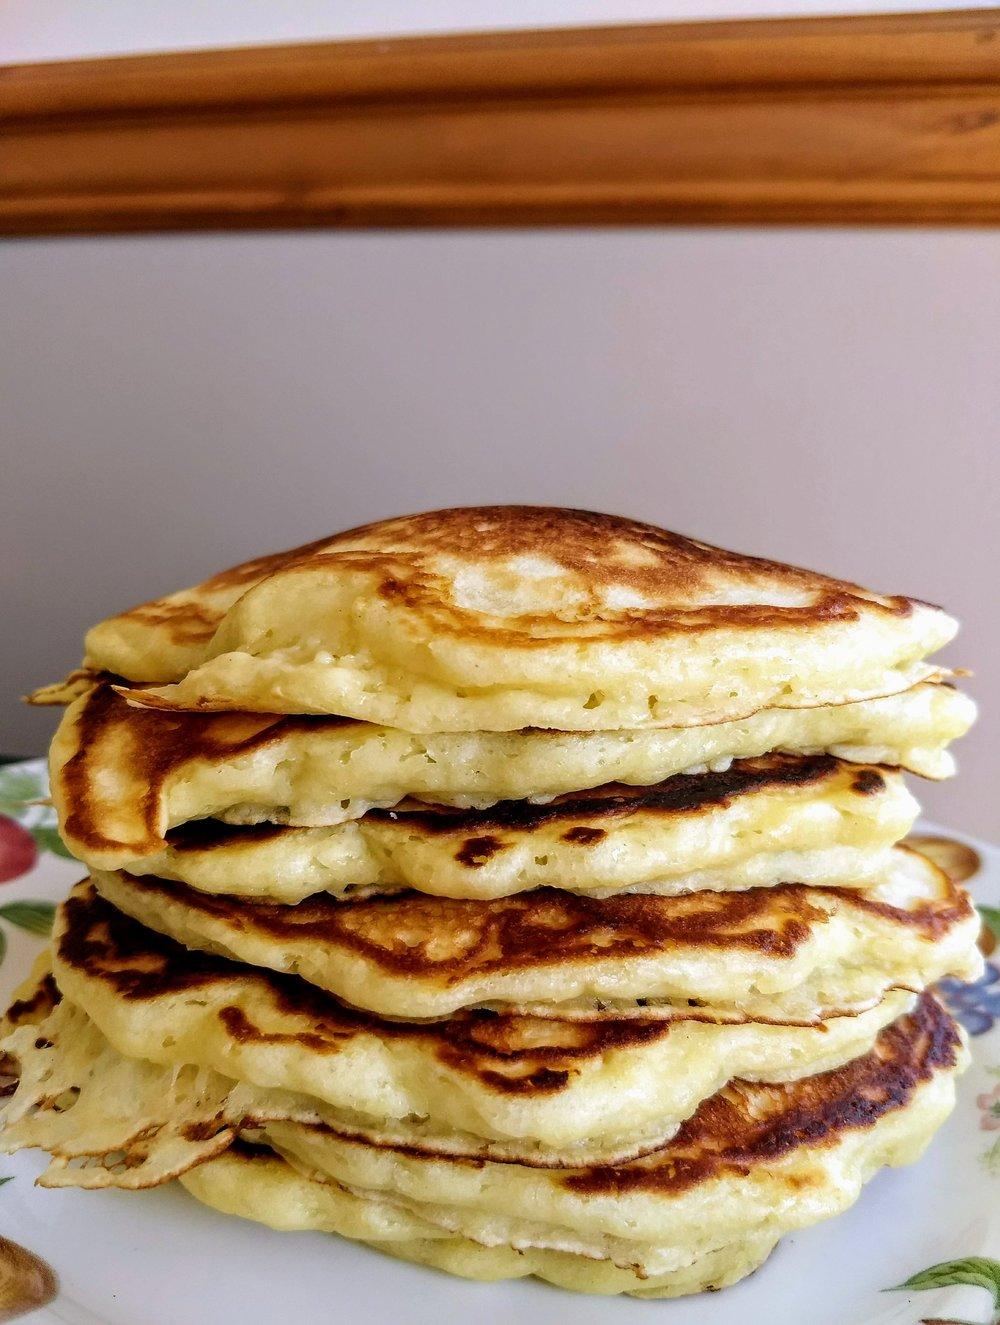 beneaththecrust.buttermilk.pancakes